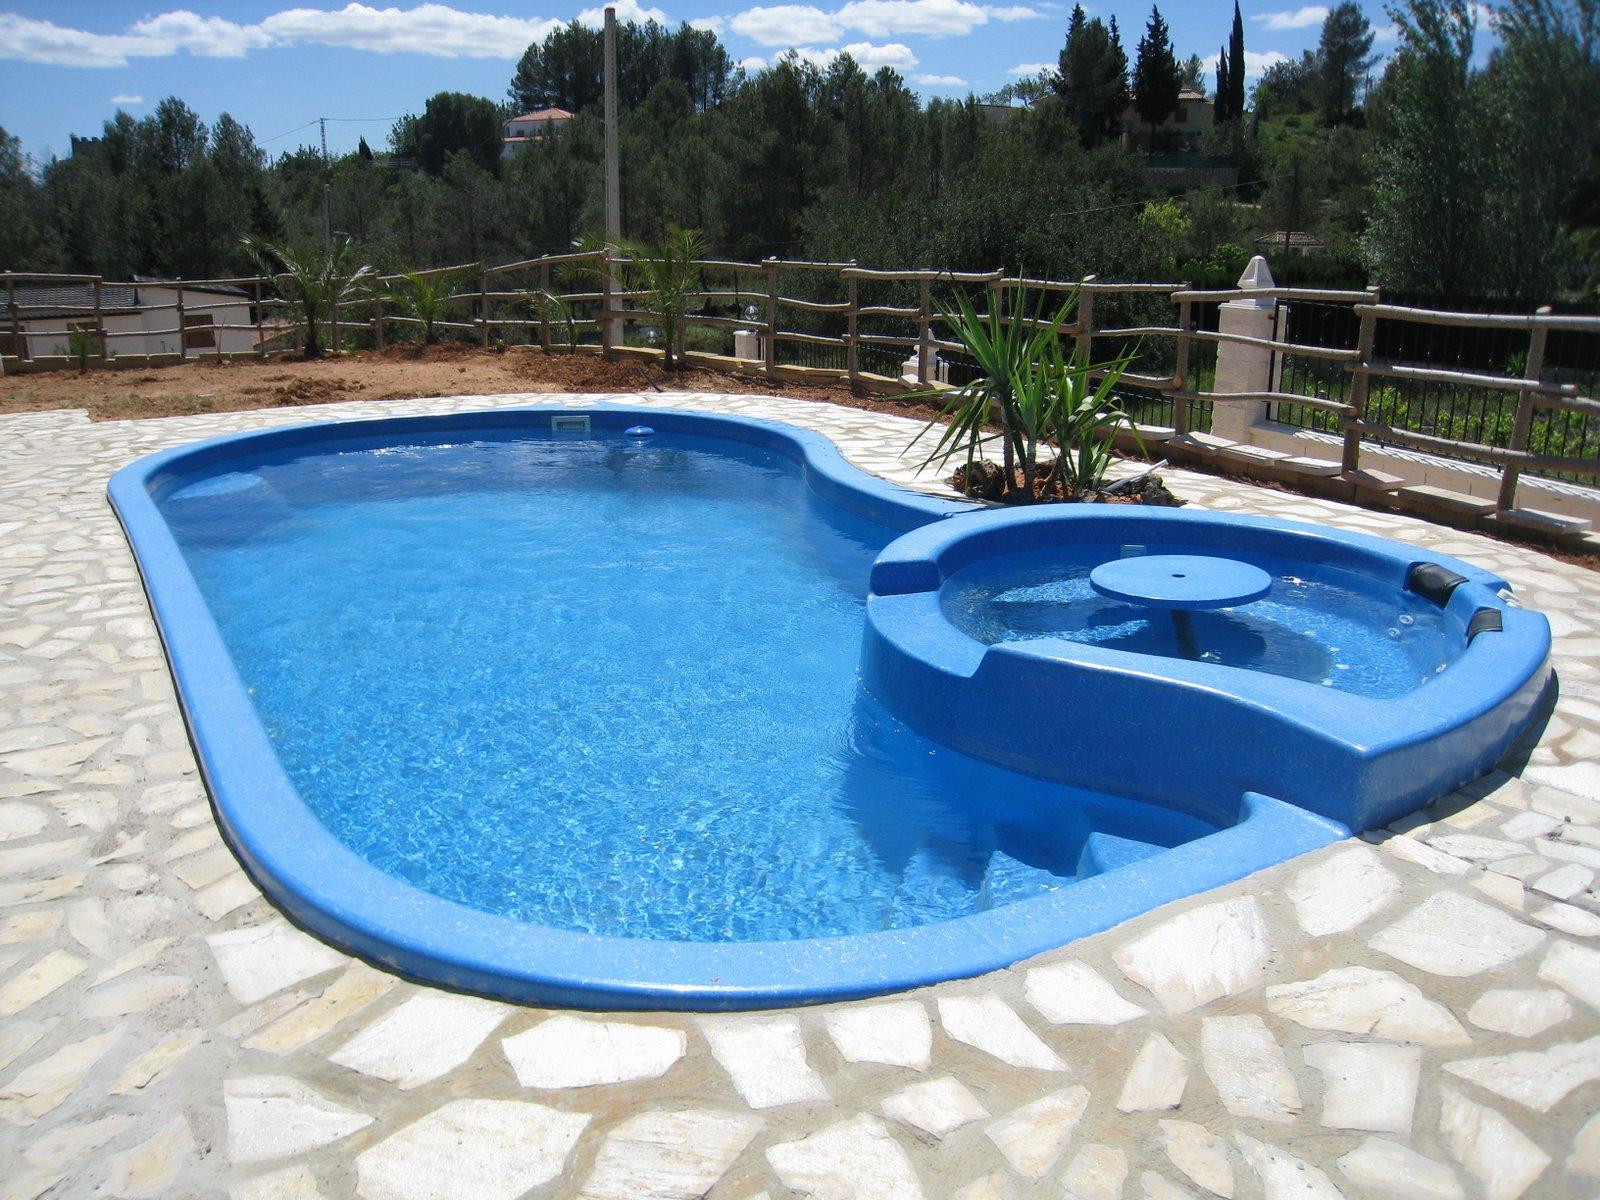 construcción de piscinas de hormigón - piscinas garzÓn · 651 573